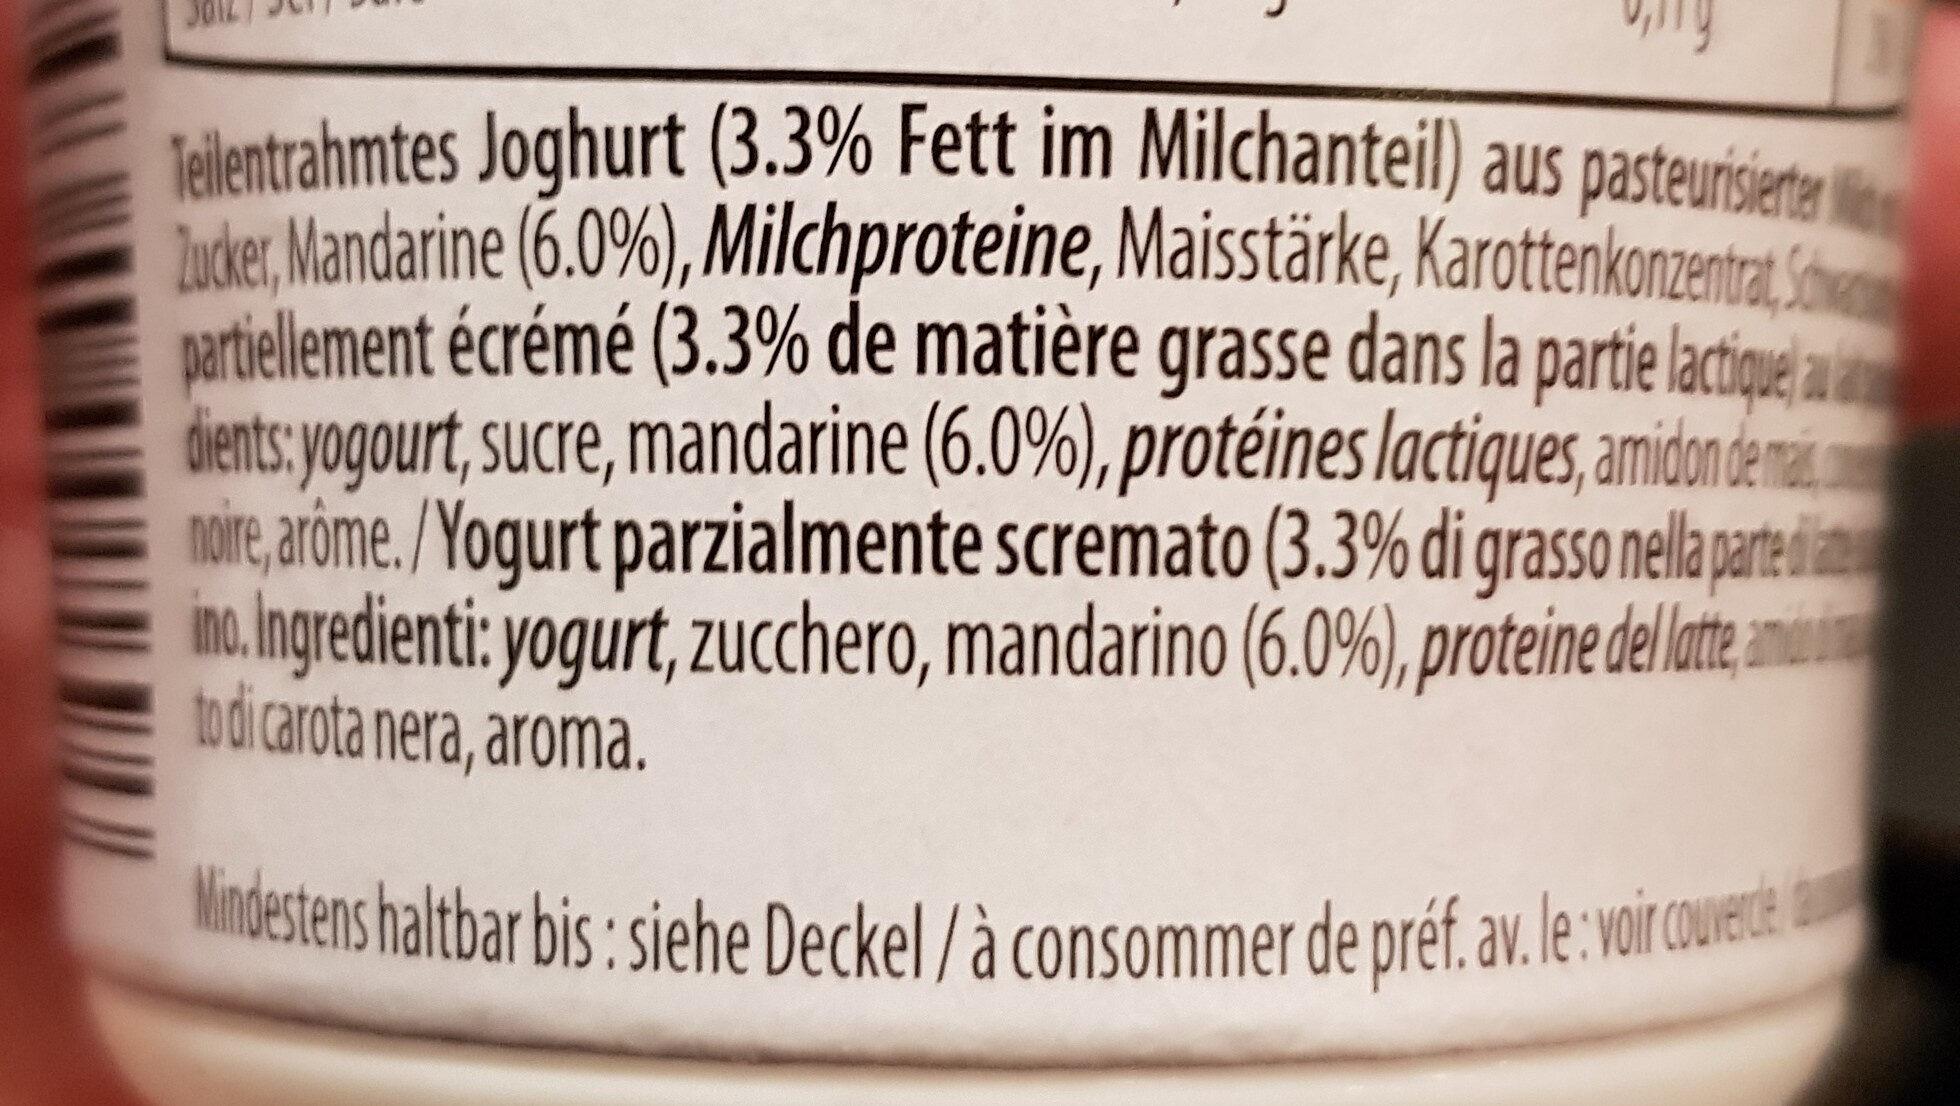 Joghurt Mandarine Mandarino - Ingredientes - fr